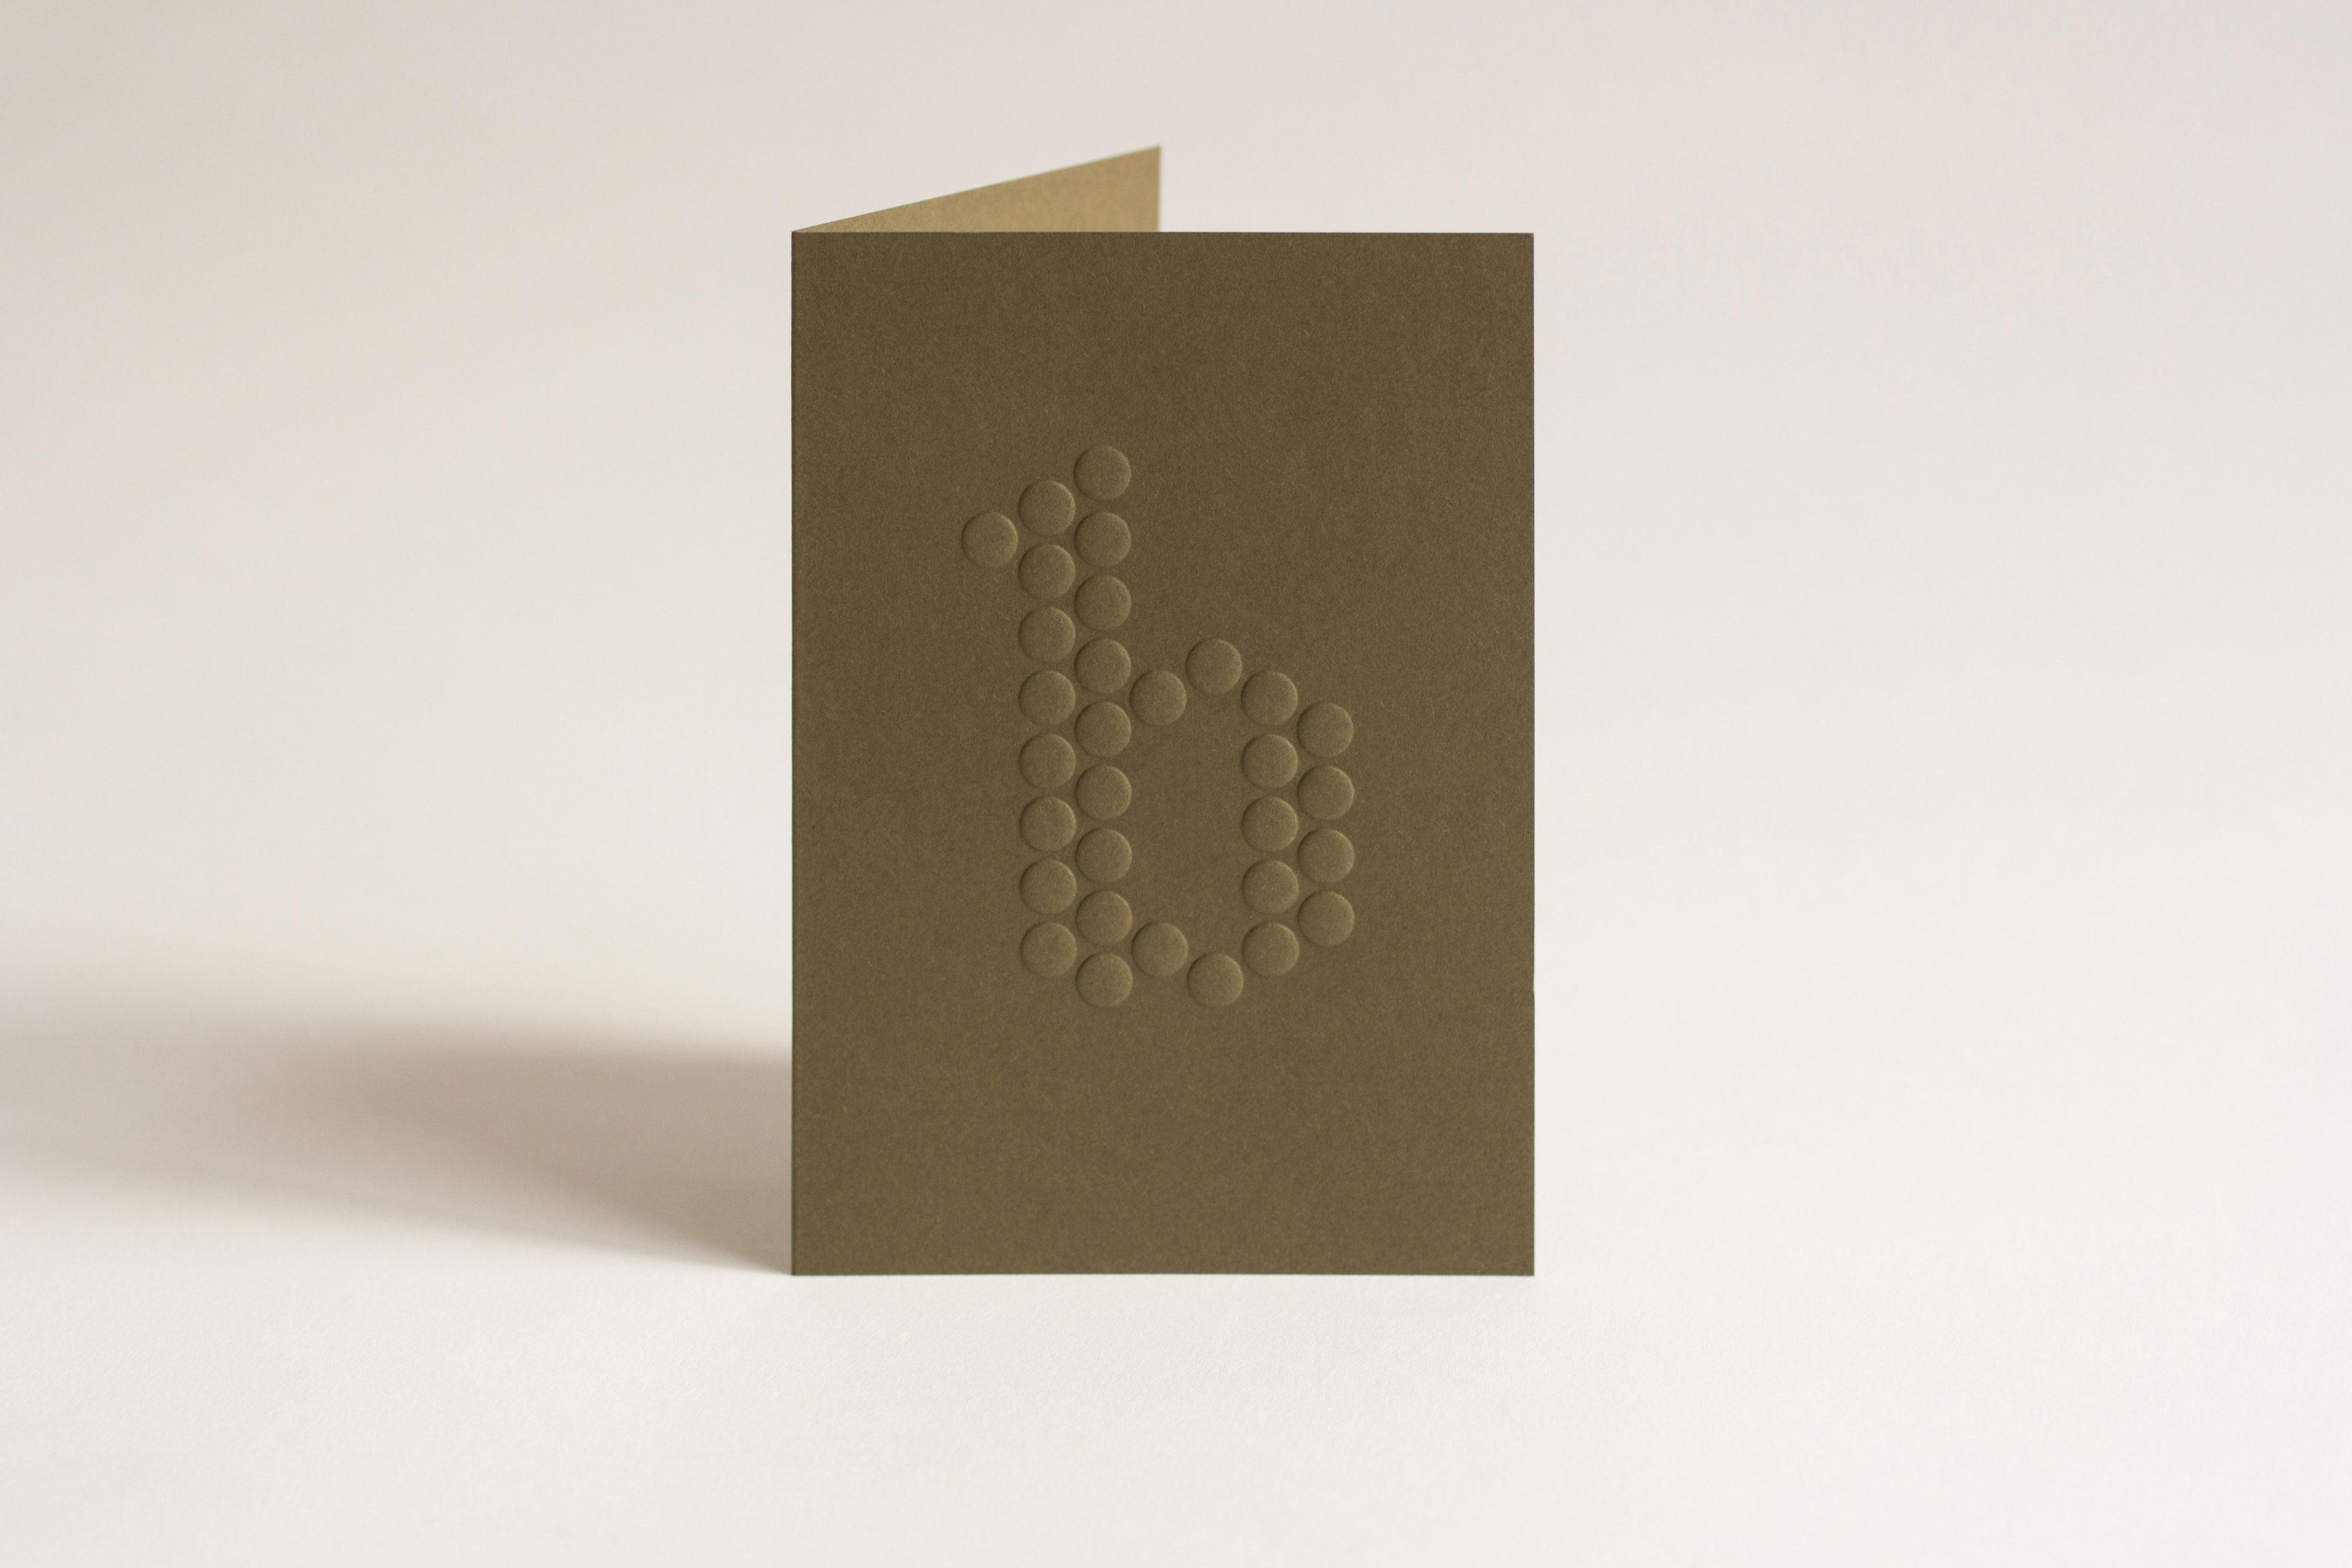 Benwells_card_9